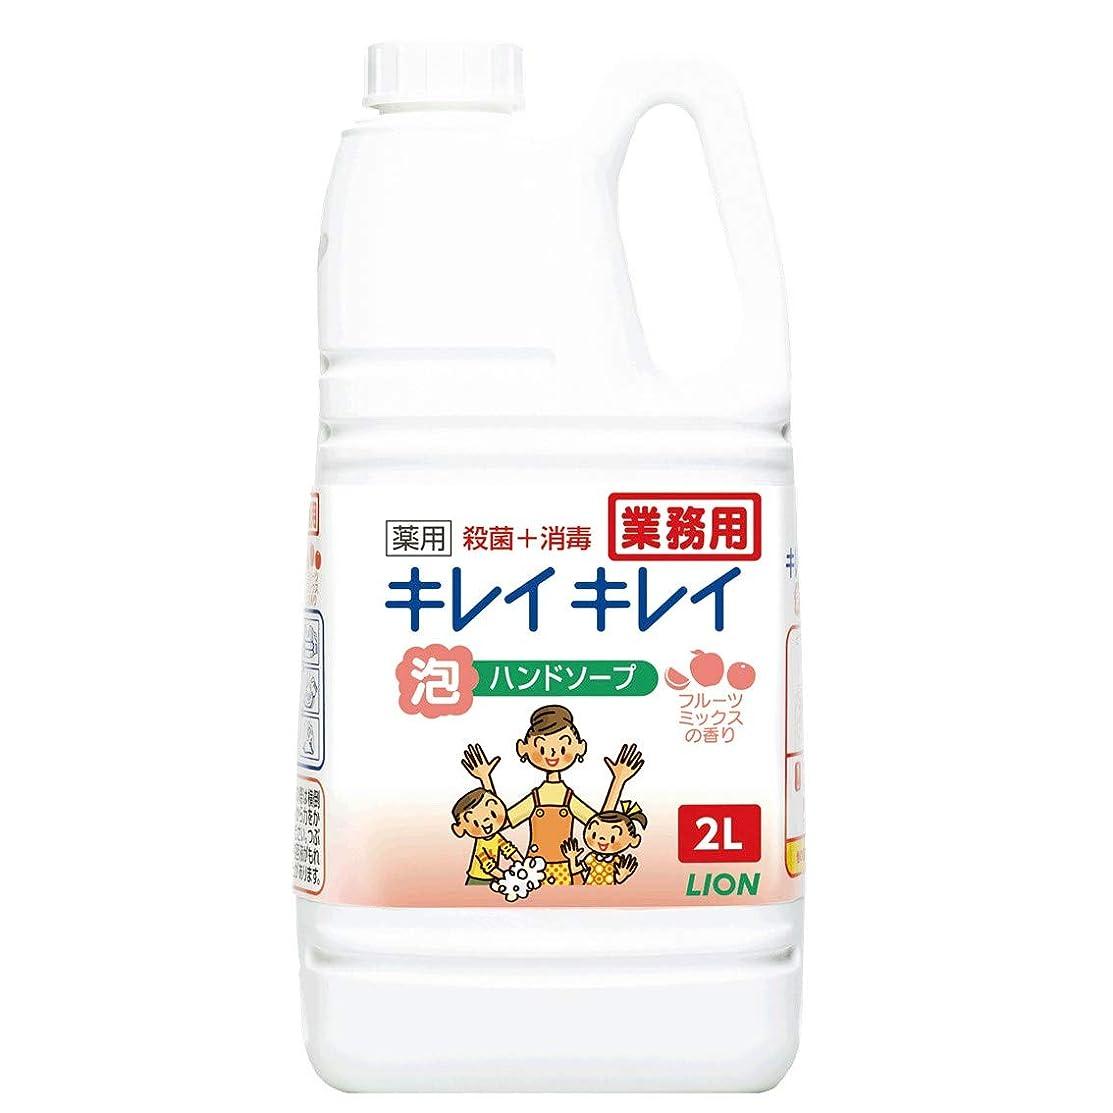 優れました晩餐毛布【大容量】キレイキレイ 薬用泡ハンドソープ フルーツミックスの香り 2L